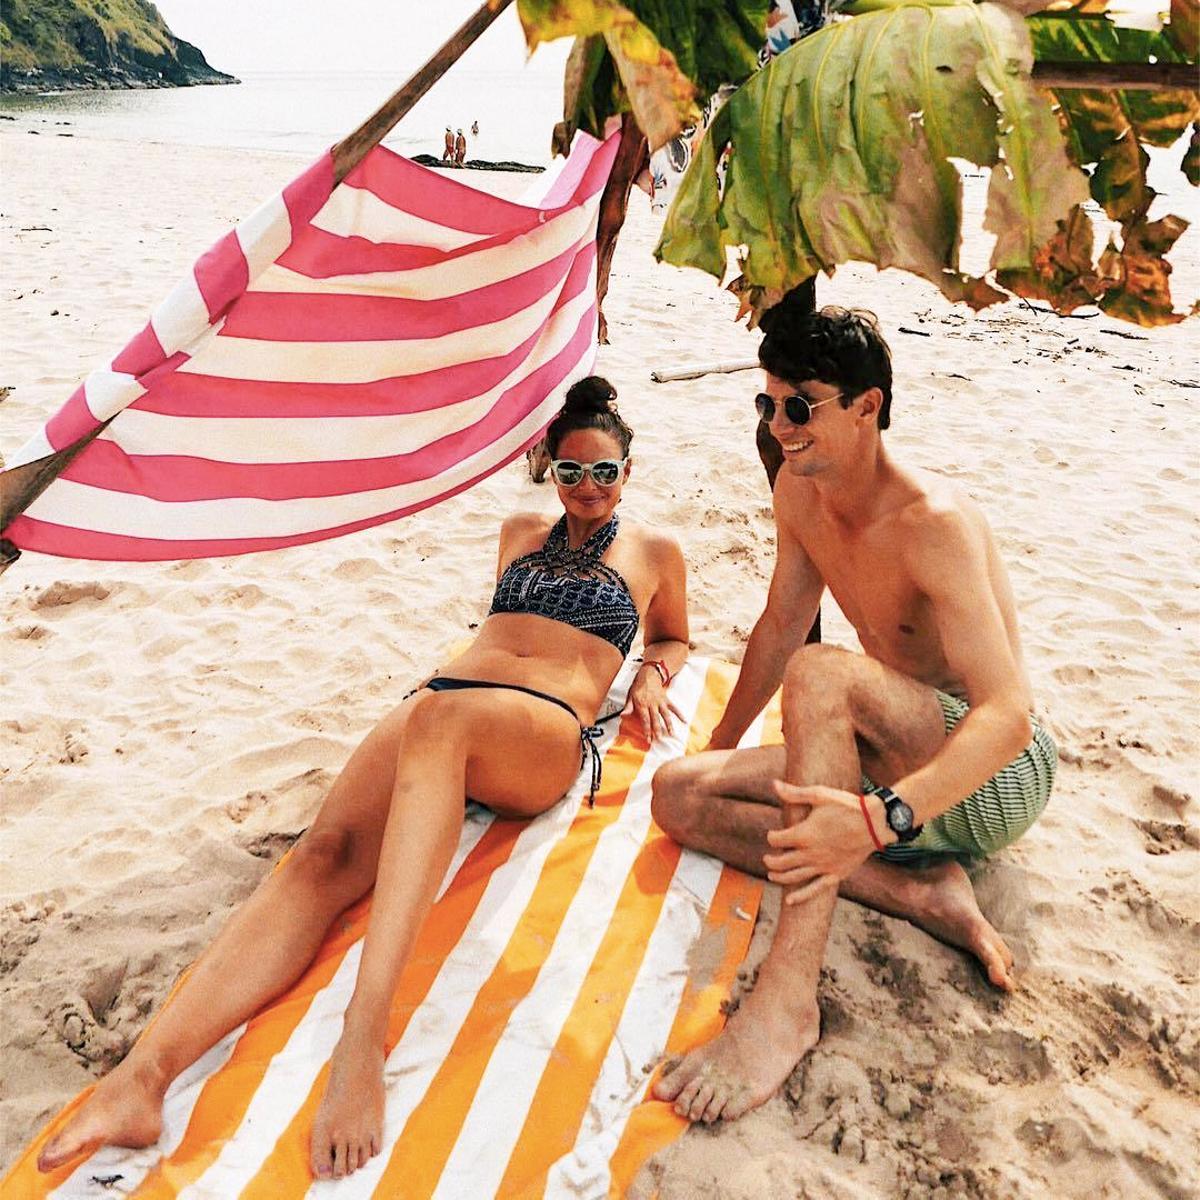 世界のビーチから生まれた「バカンスタオル」|《ビーチタオル》水をサッと吸収、砂がつかないマイクロファイバー製のカラフルタオル|DOCK & BAY